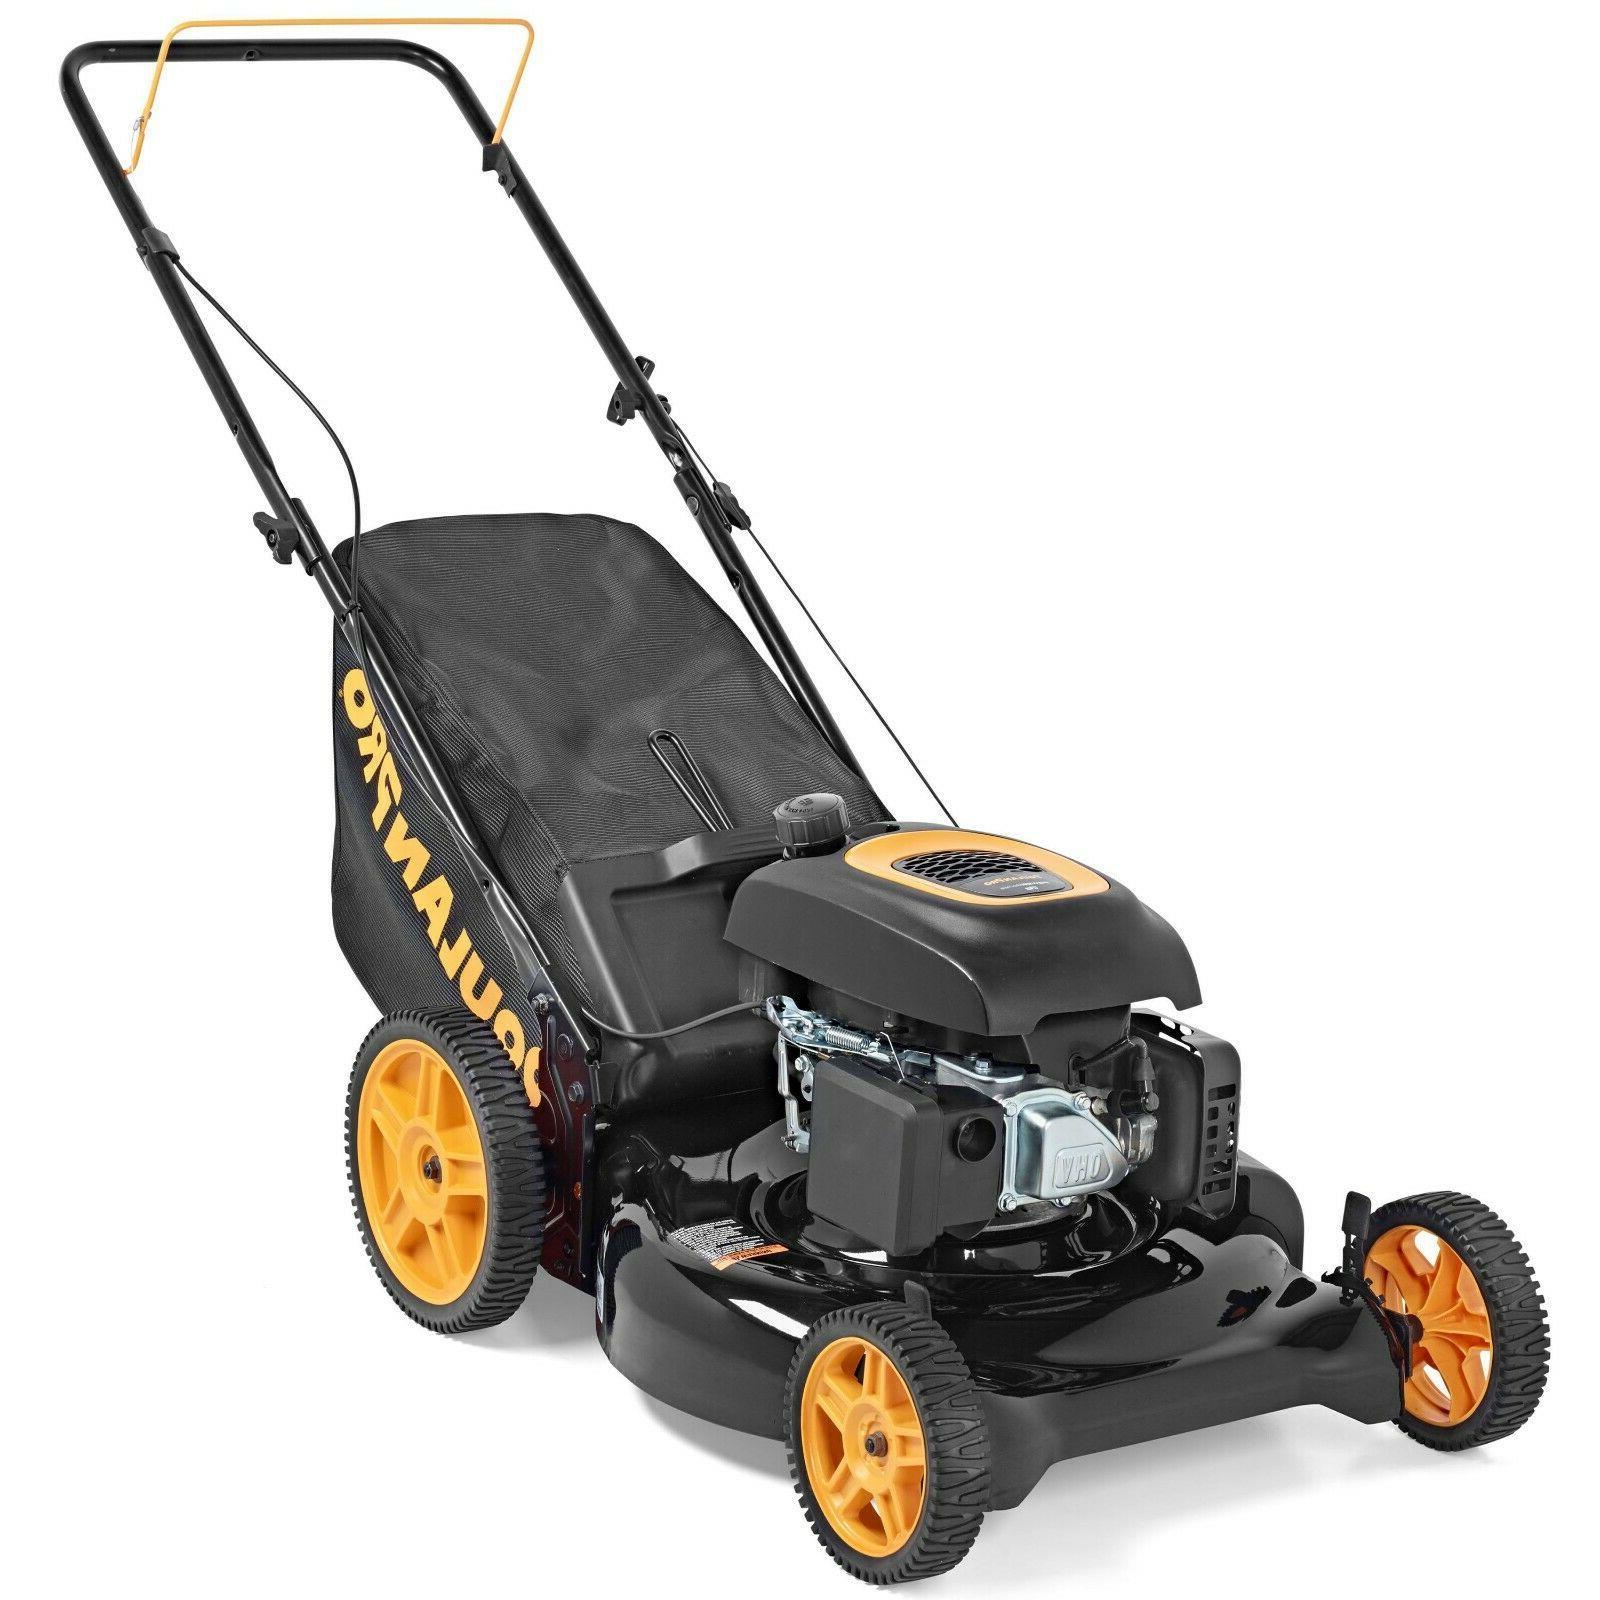 Push Gas Lawn Mower 21 in. 174cc Power Series Gas 3-N-1 Cutt